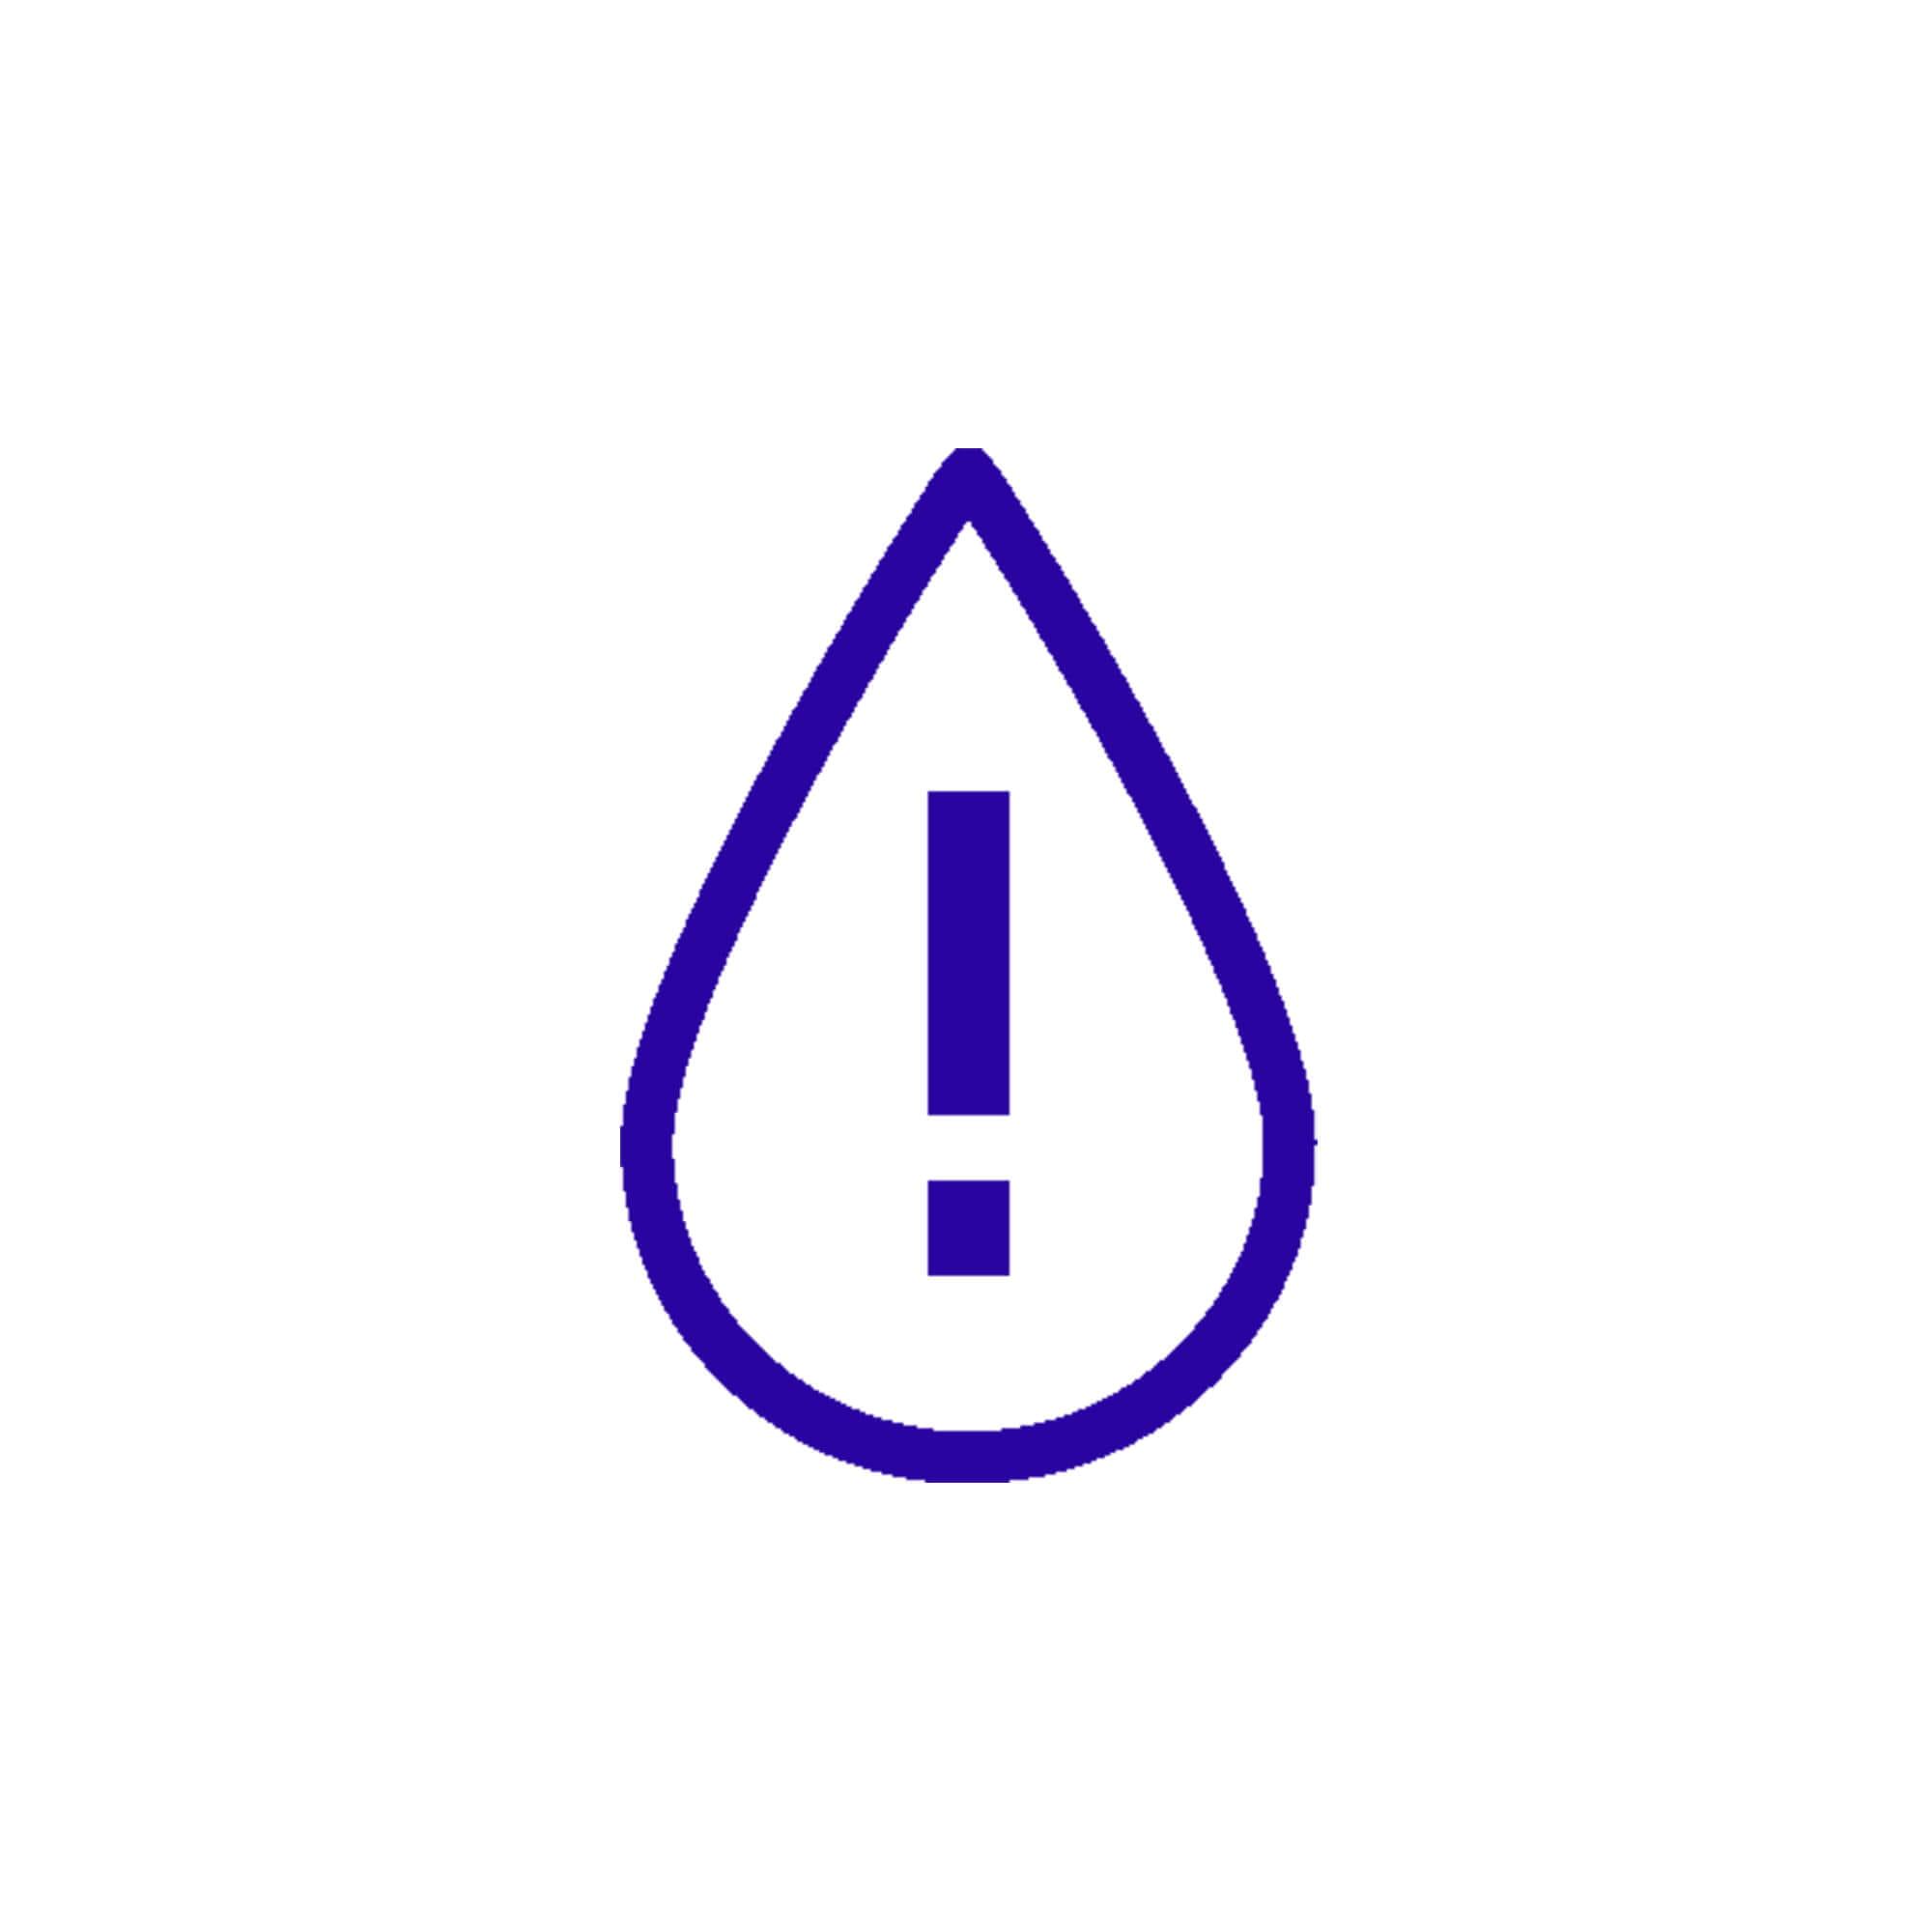 aqua alarm icon